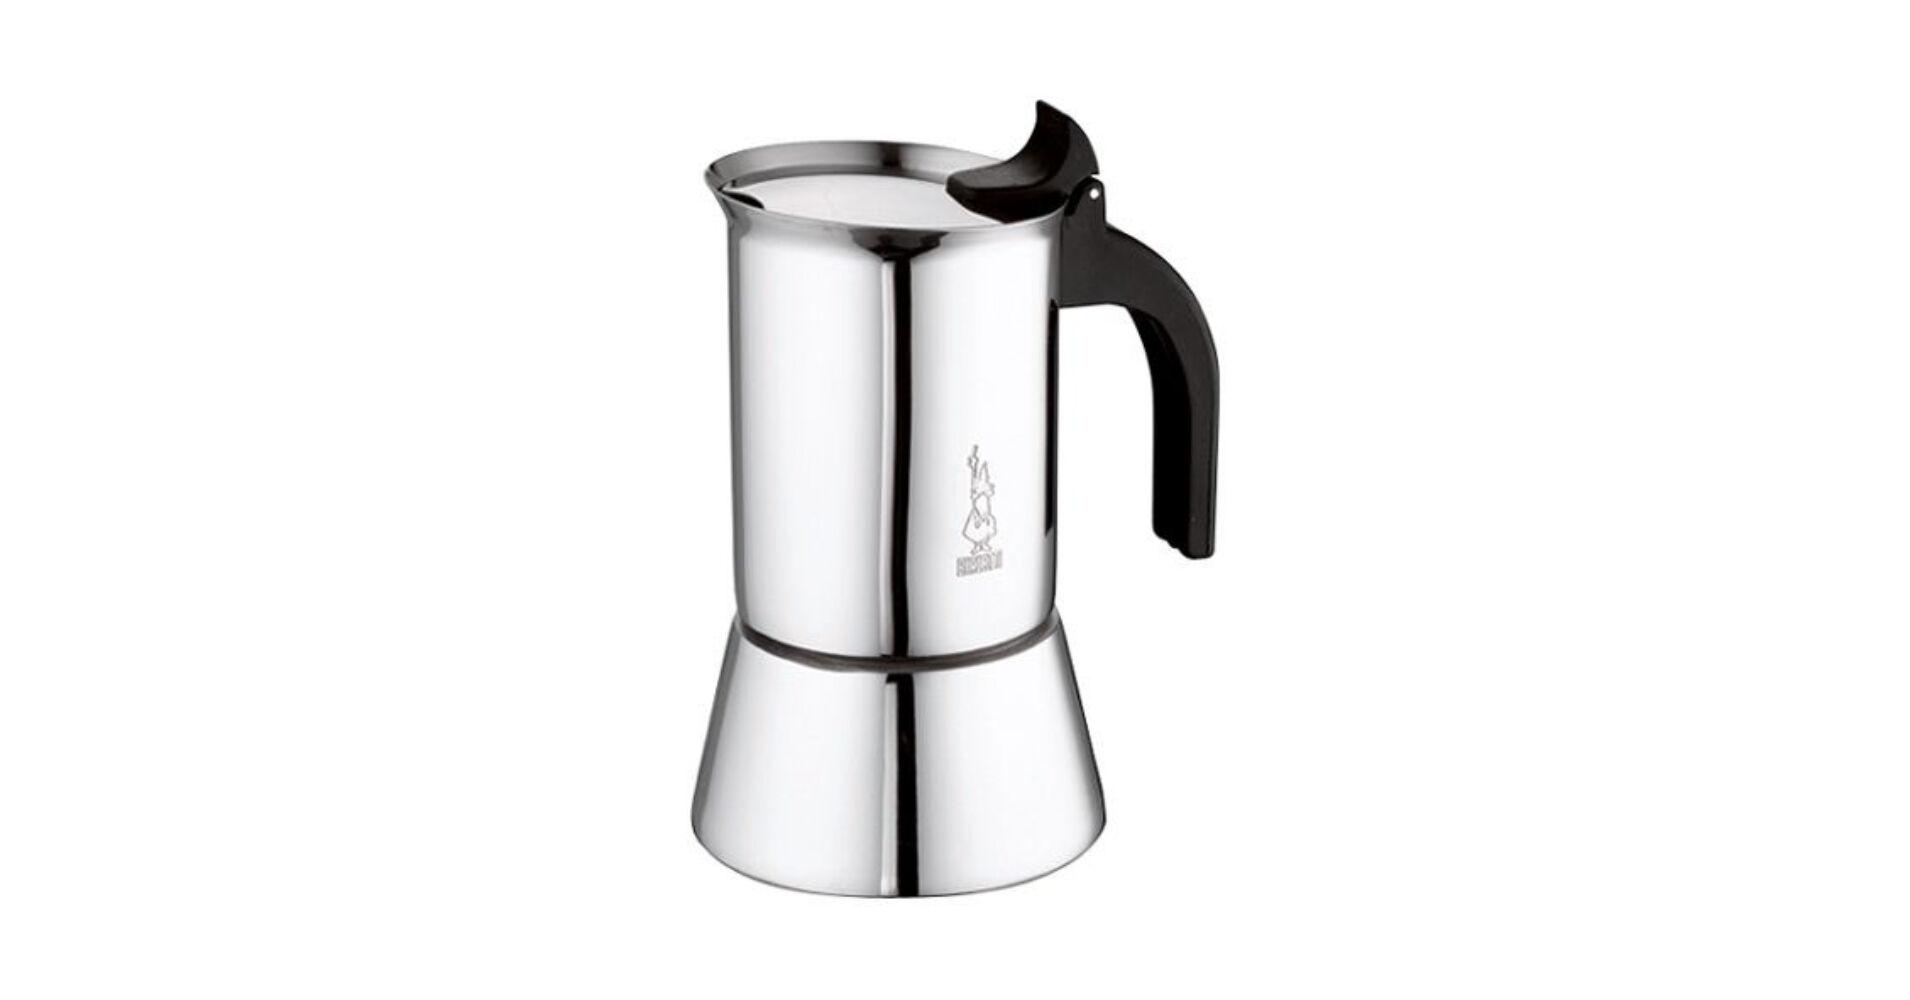 Bialetti kotyogós kávéfőzőt keresel?